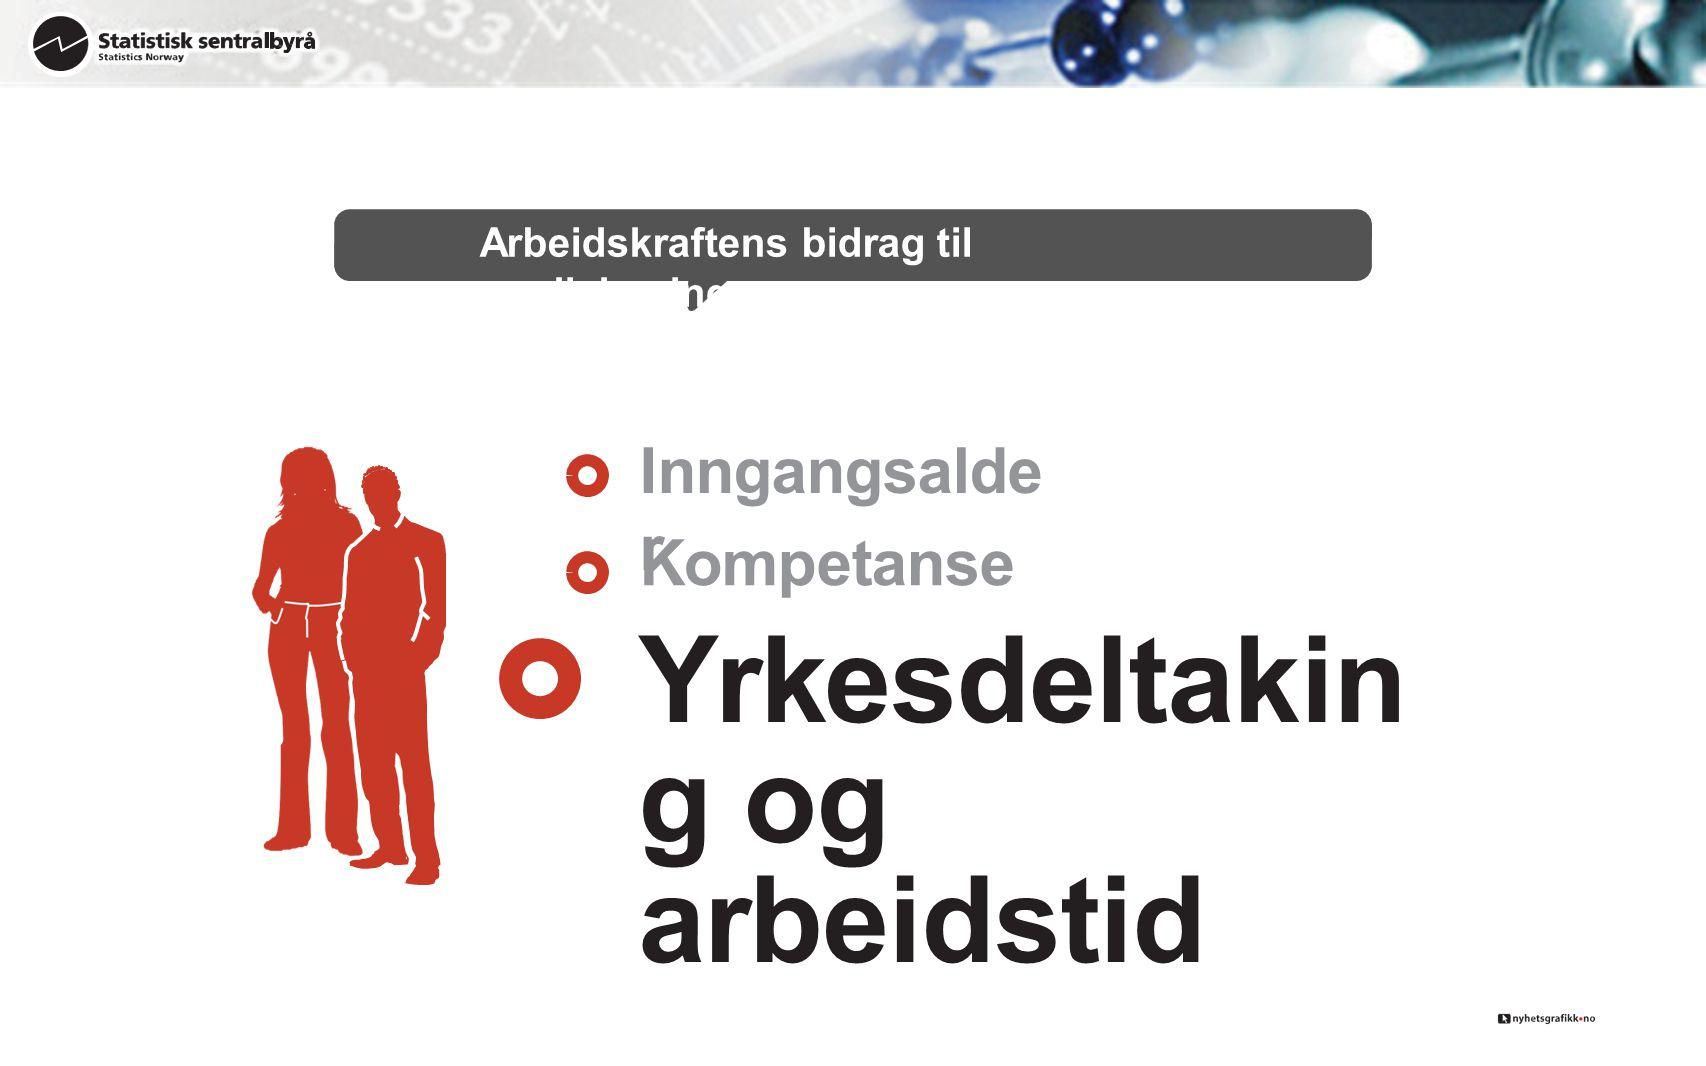 Arbeidskraftens bidrag til verdiskaping Inngangsalde r Kompetanse Yrkesdeltakin g og arbeidstid